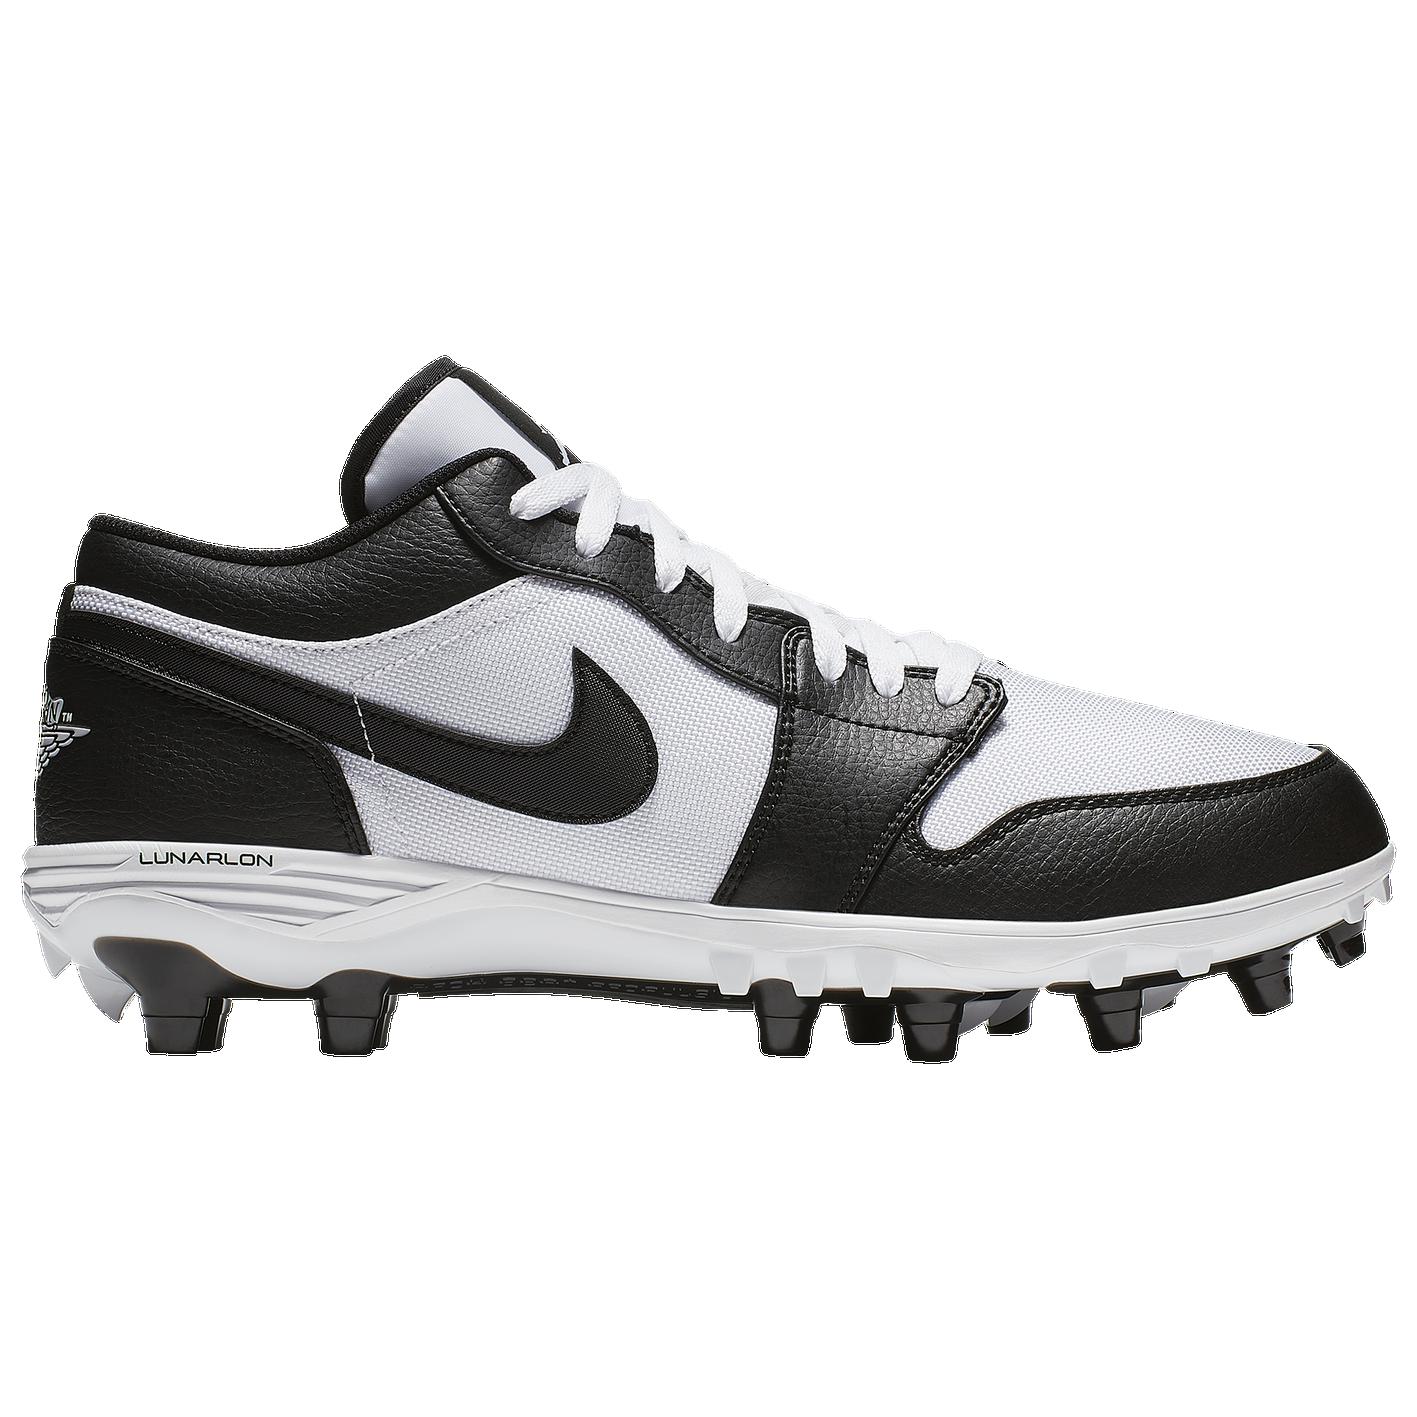 2abb8994fa8 Jordan Retro 1 TD Low - Men's - Football - Shoes - White/Black/Black